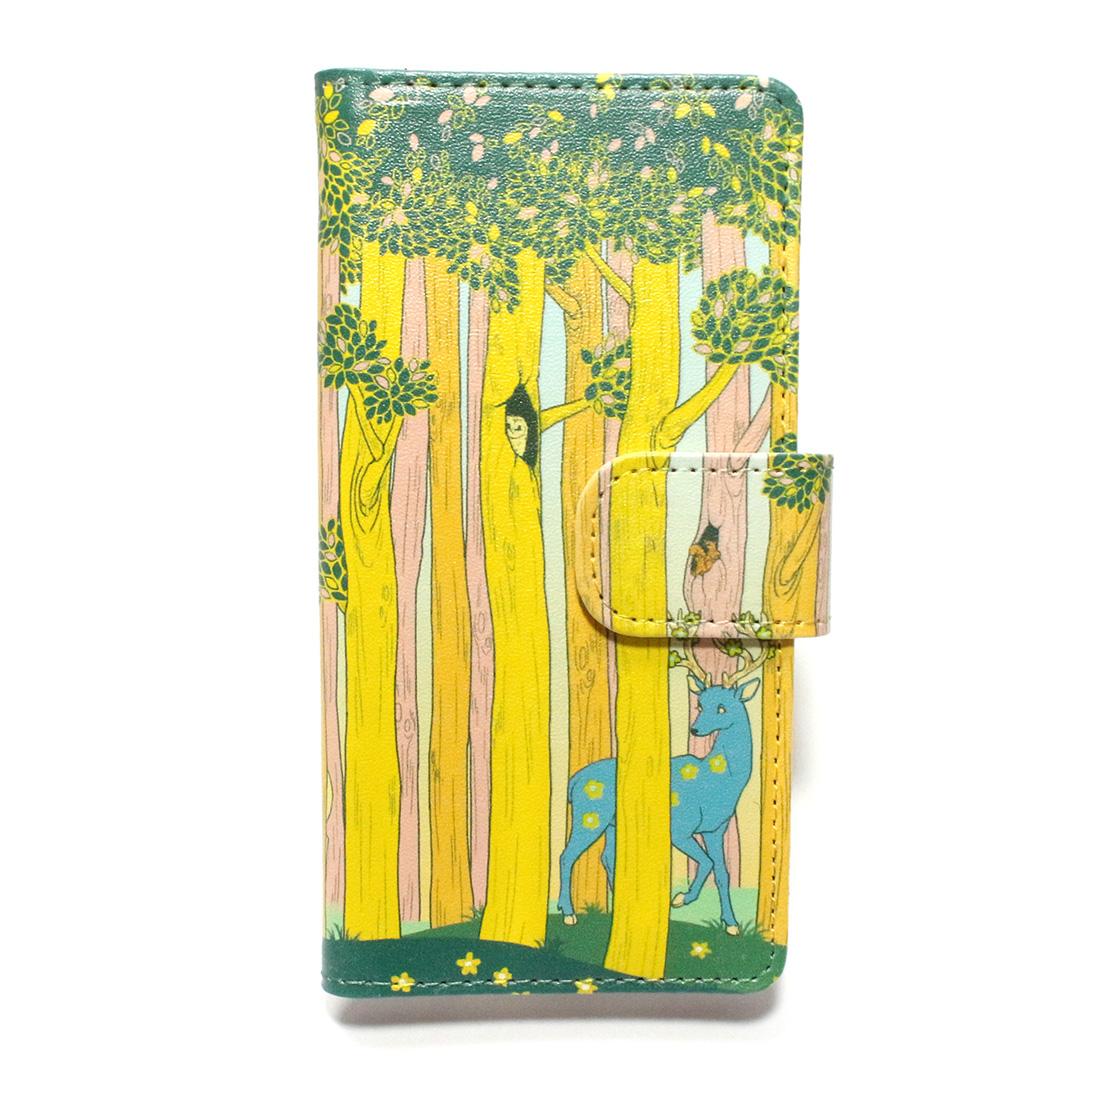 【セール】春の森 / スマートフォンケース(iPhone6,iPhone7,iPhone8兼用)